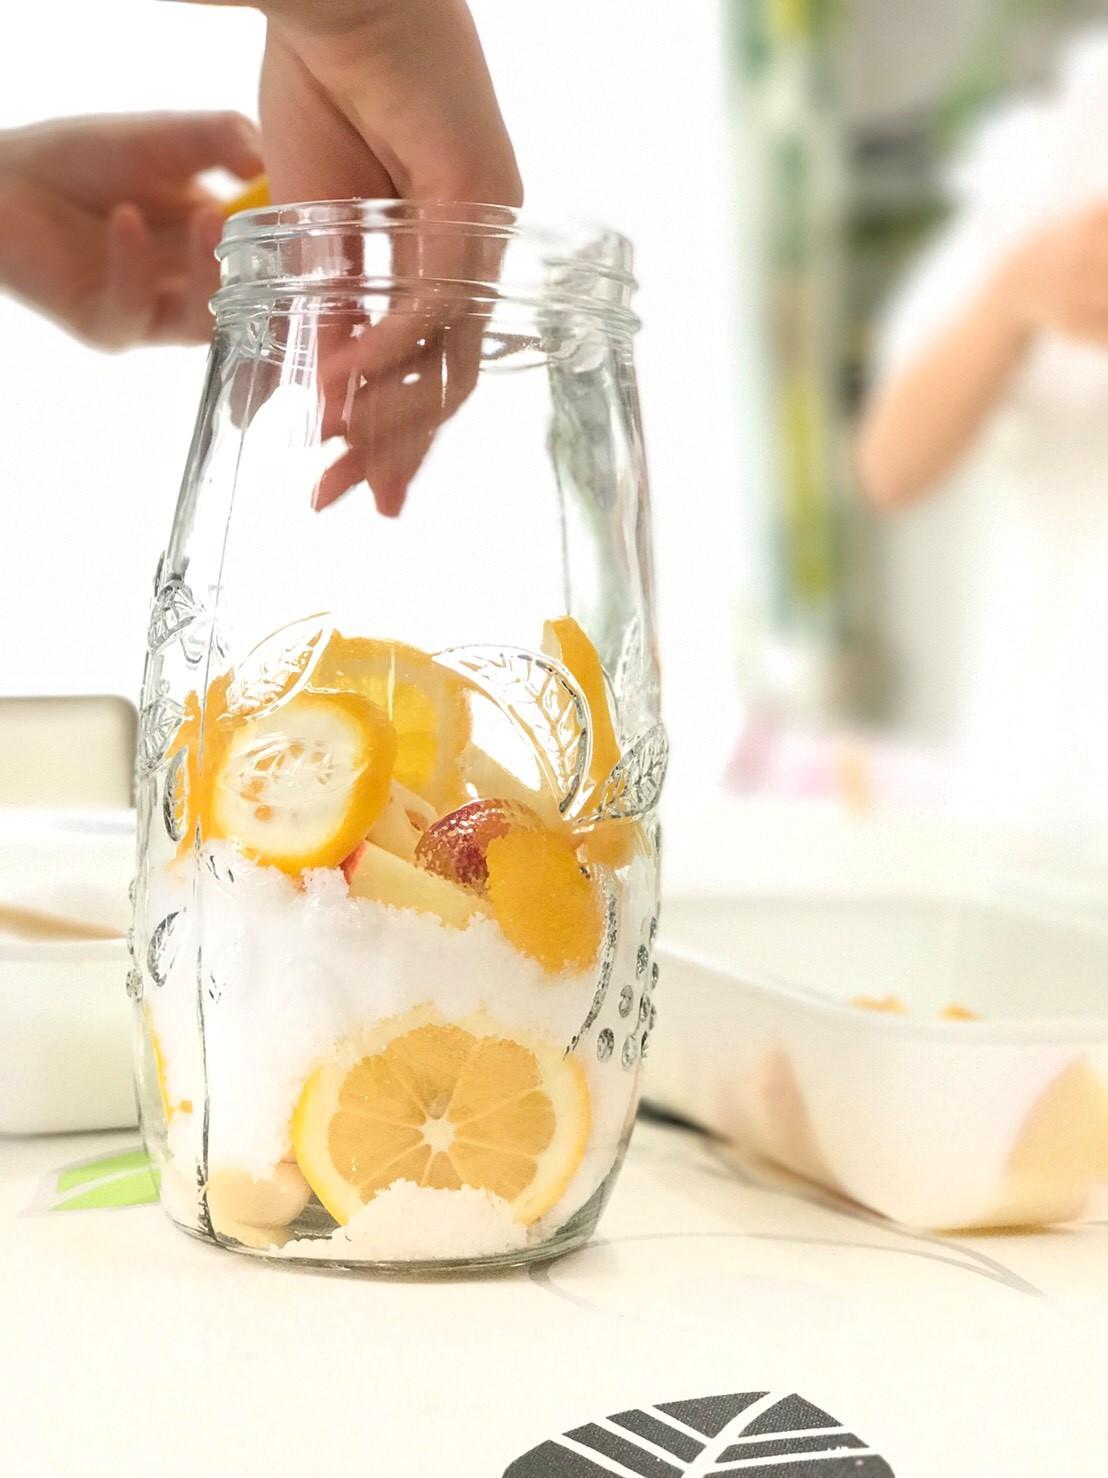 【 和歌山市内 】《 女性限定プラン 》●○季節のフルーツを使った酵素シロップ作...